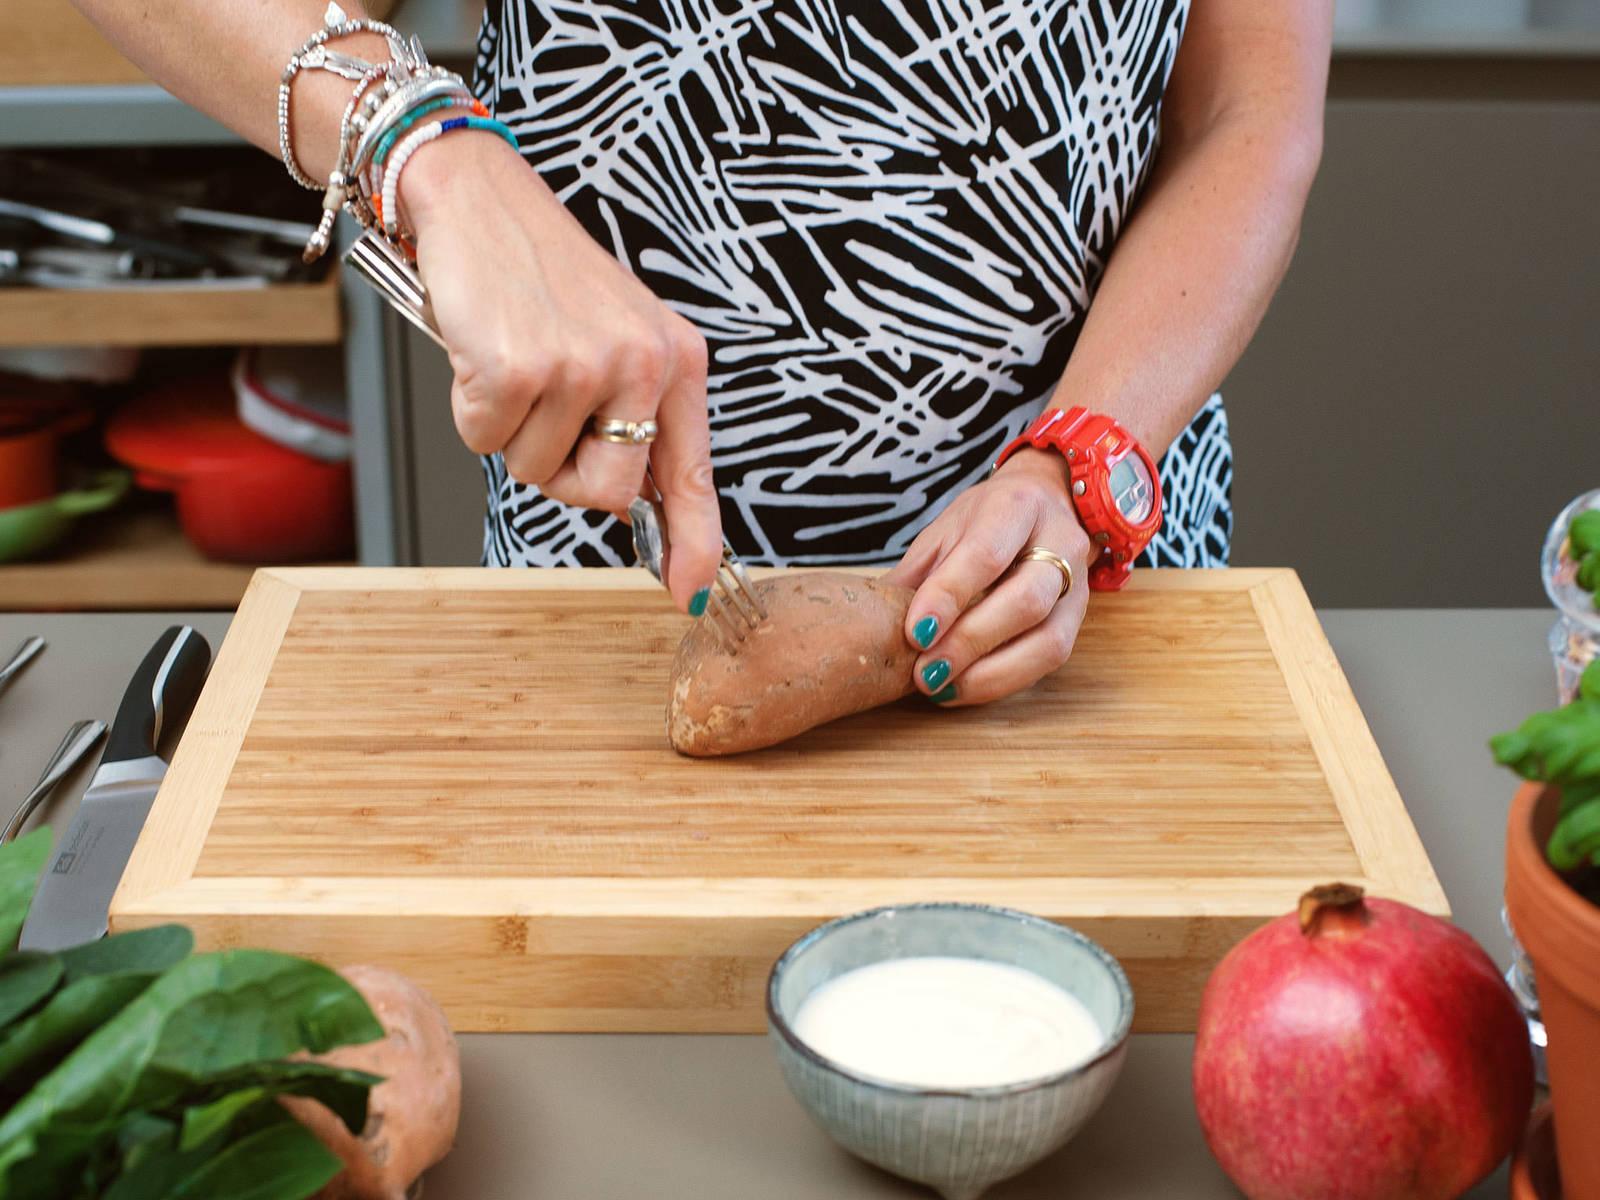 烤箱调到200°C预热。用叉子在每个红薯上转圈扎5-7次,然后放在垫有烤盘纸的烤盘上,放入200°C的烤箱里烘烤约45-60分钟后关闭烤箱电源,但红薯仍留在烤箱内备用。